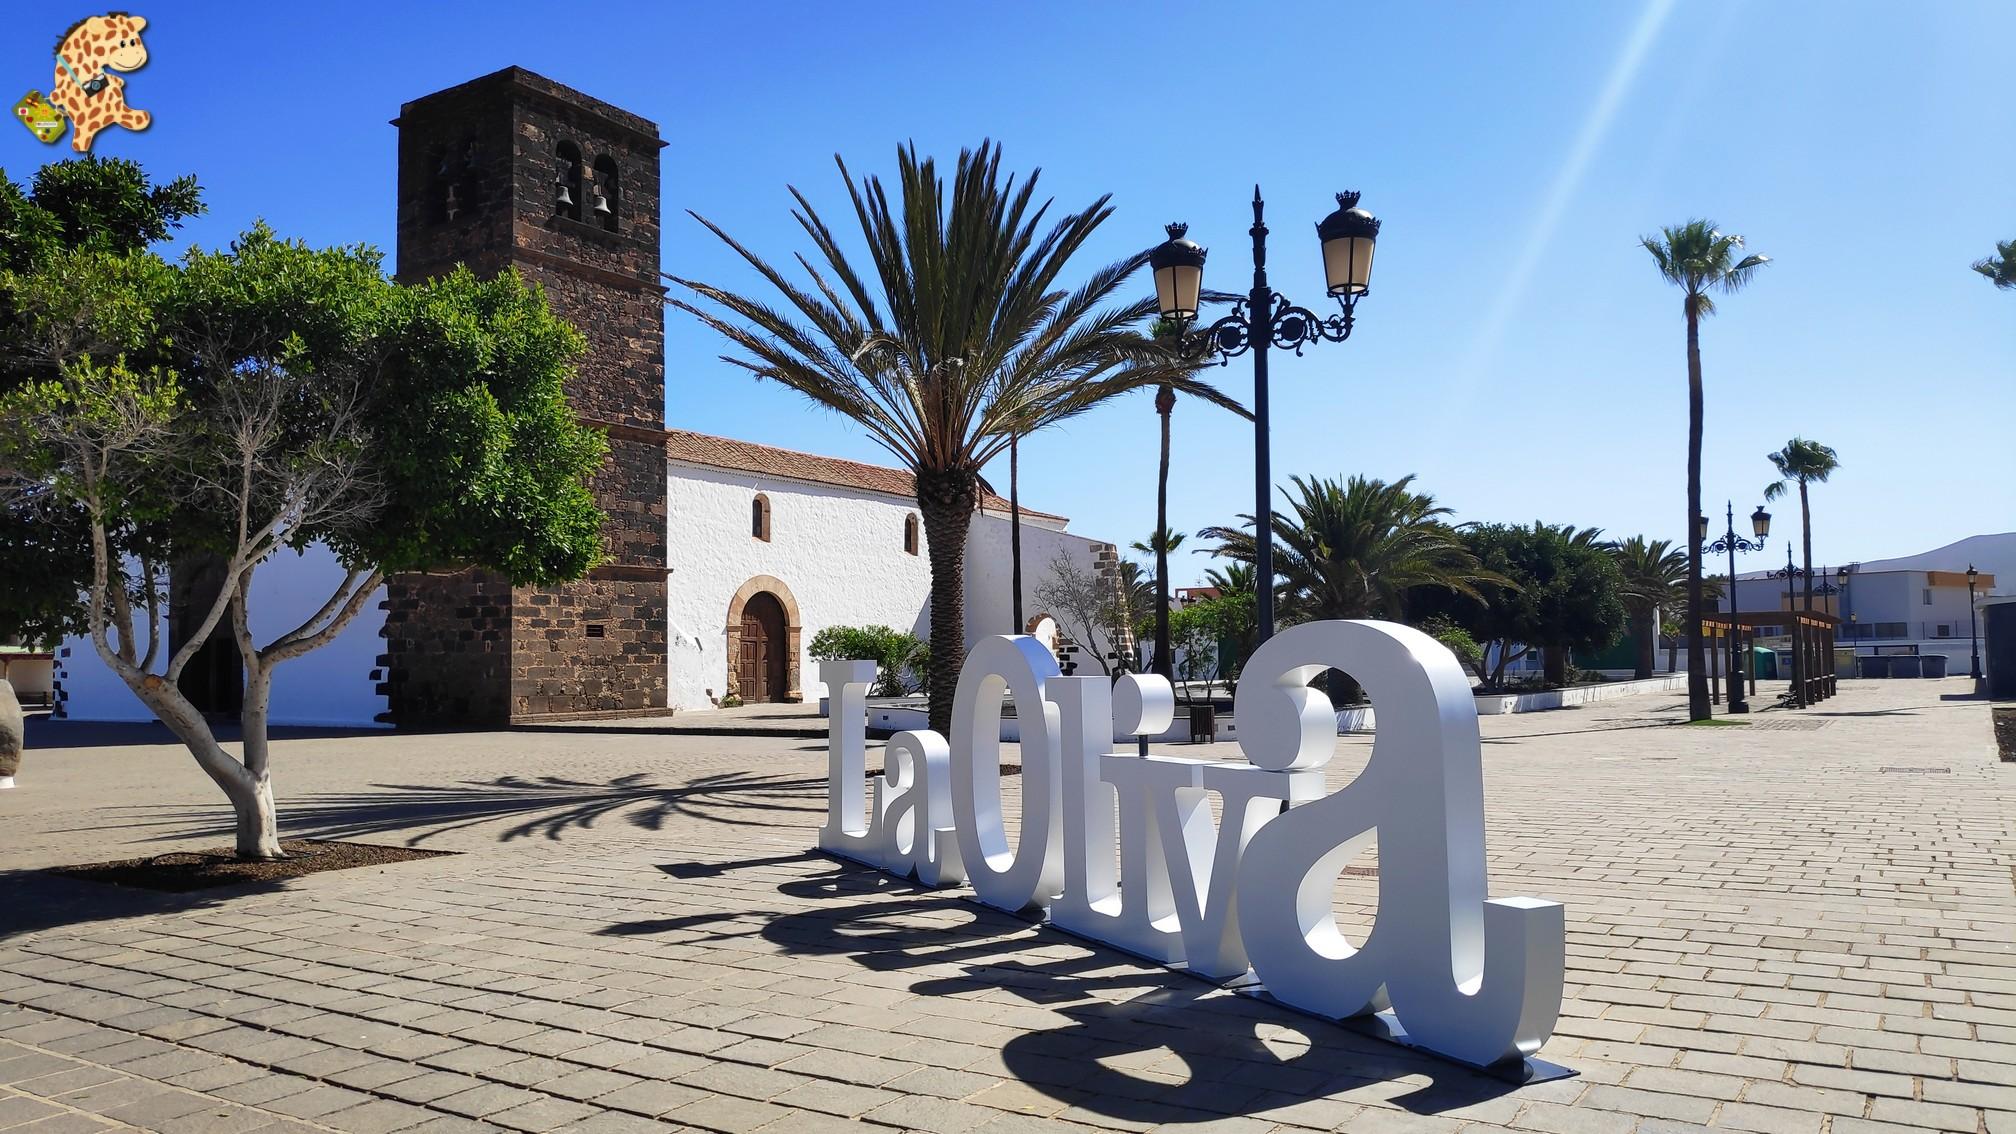 fuerteventura 1 - Fuerteventura desde Lanzarote